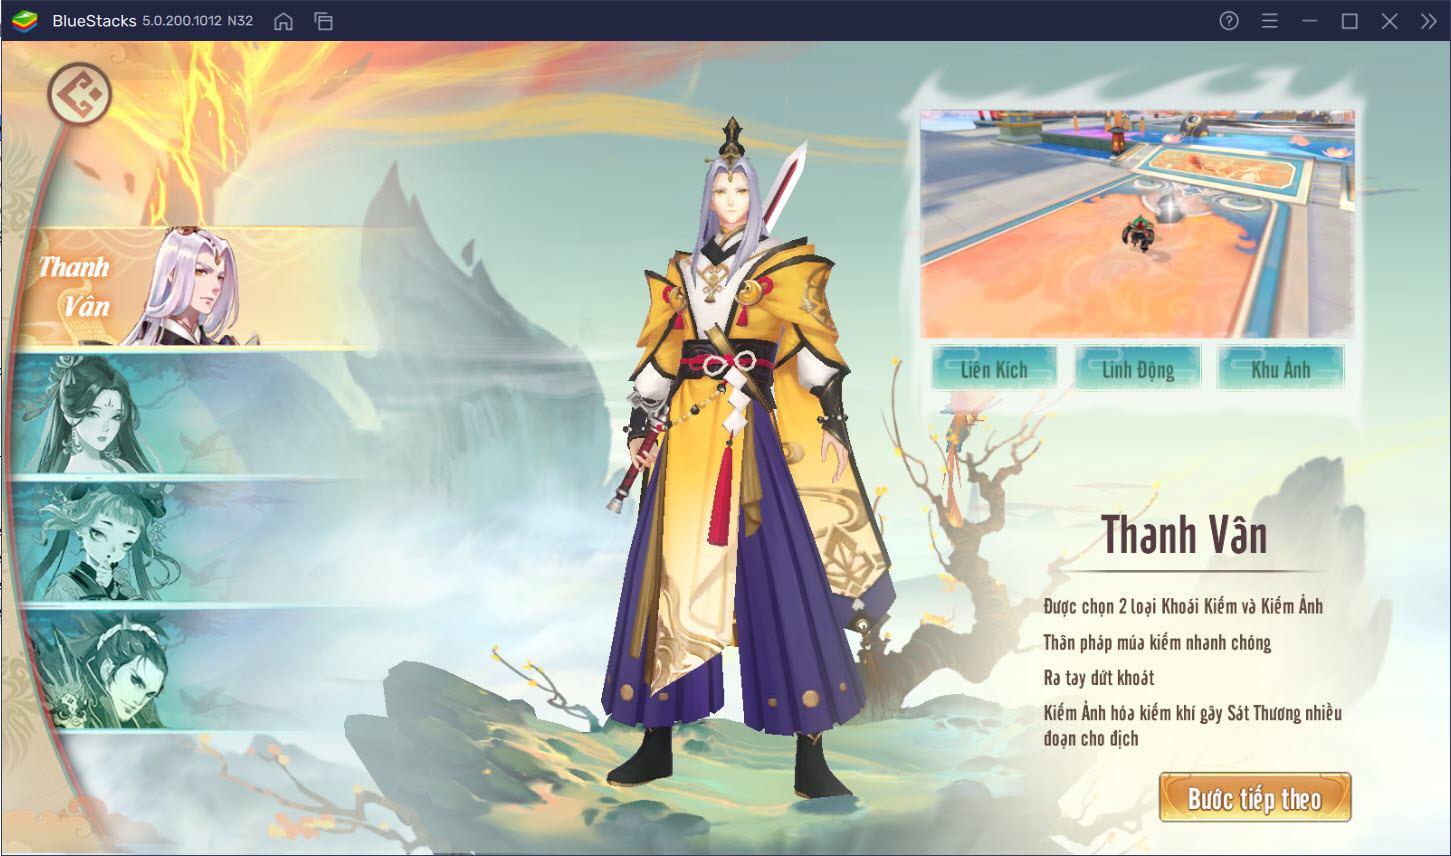 Cùng BlueStacks trải nghiệm đồ họa đặc sắc của Tuyệt Kiếm Cổ Phong